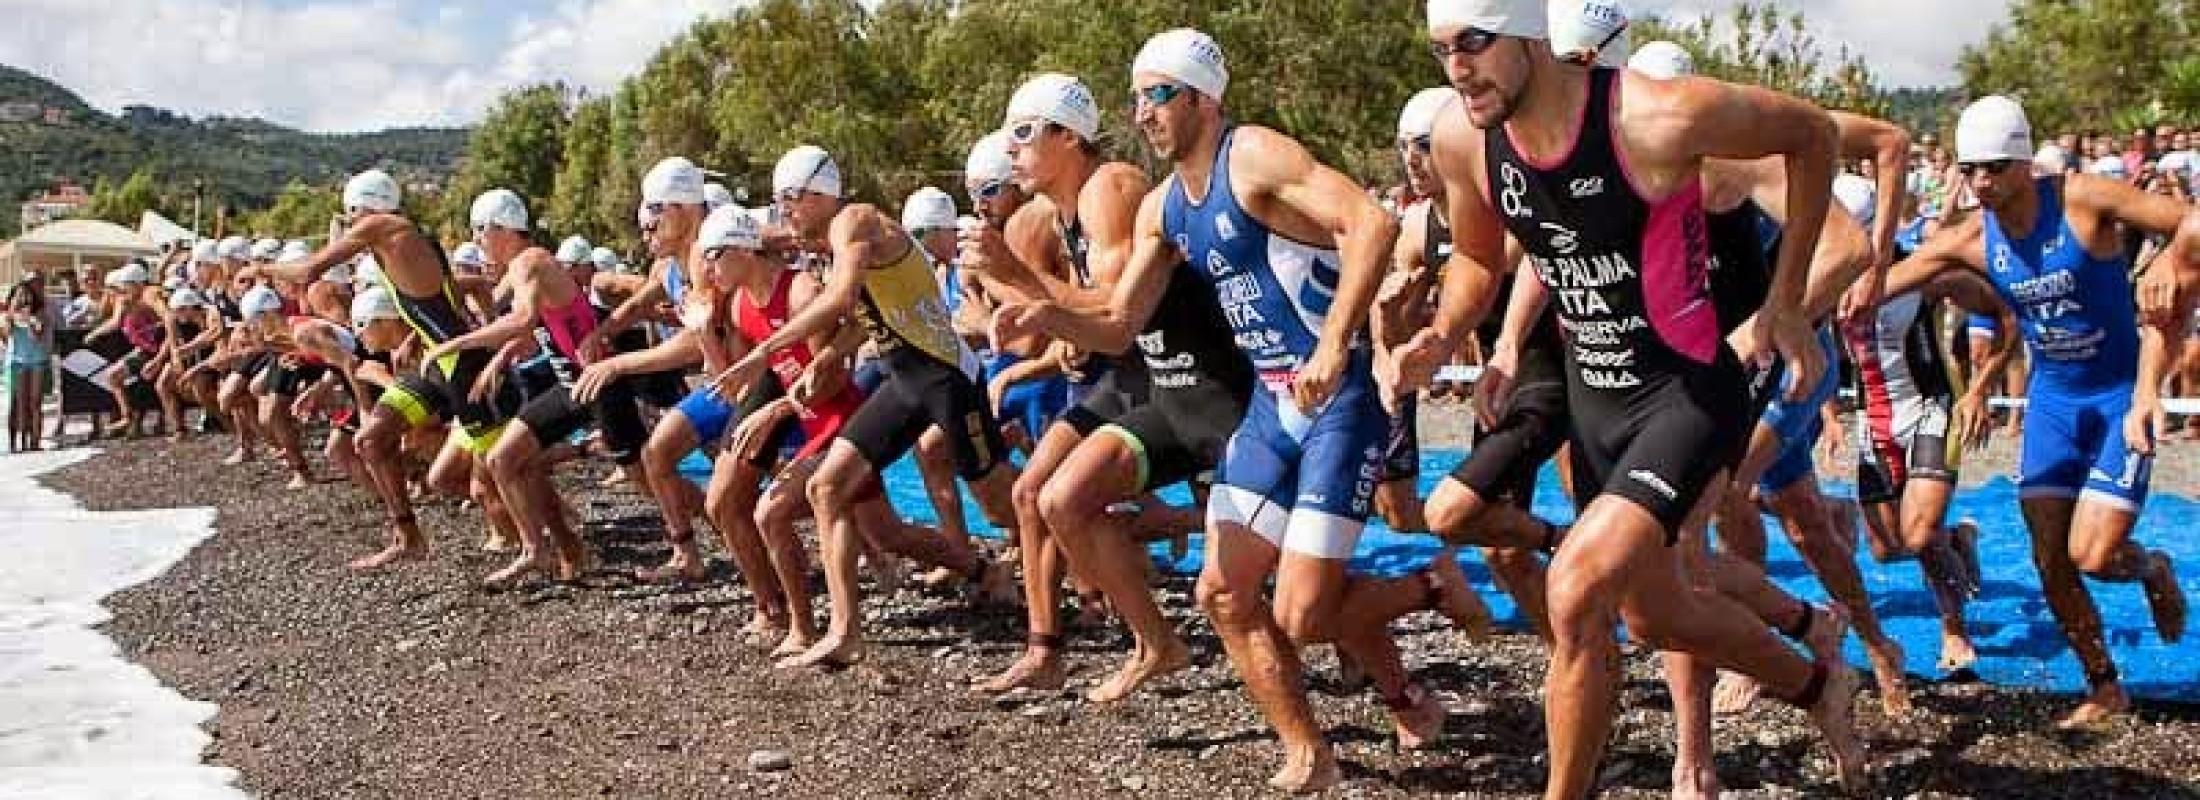 Sapri – Campionato italiano di triathlon Olimpico